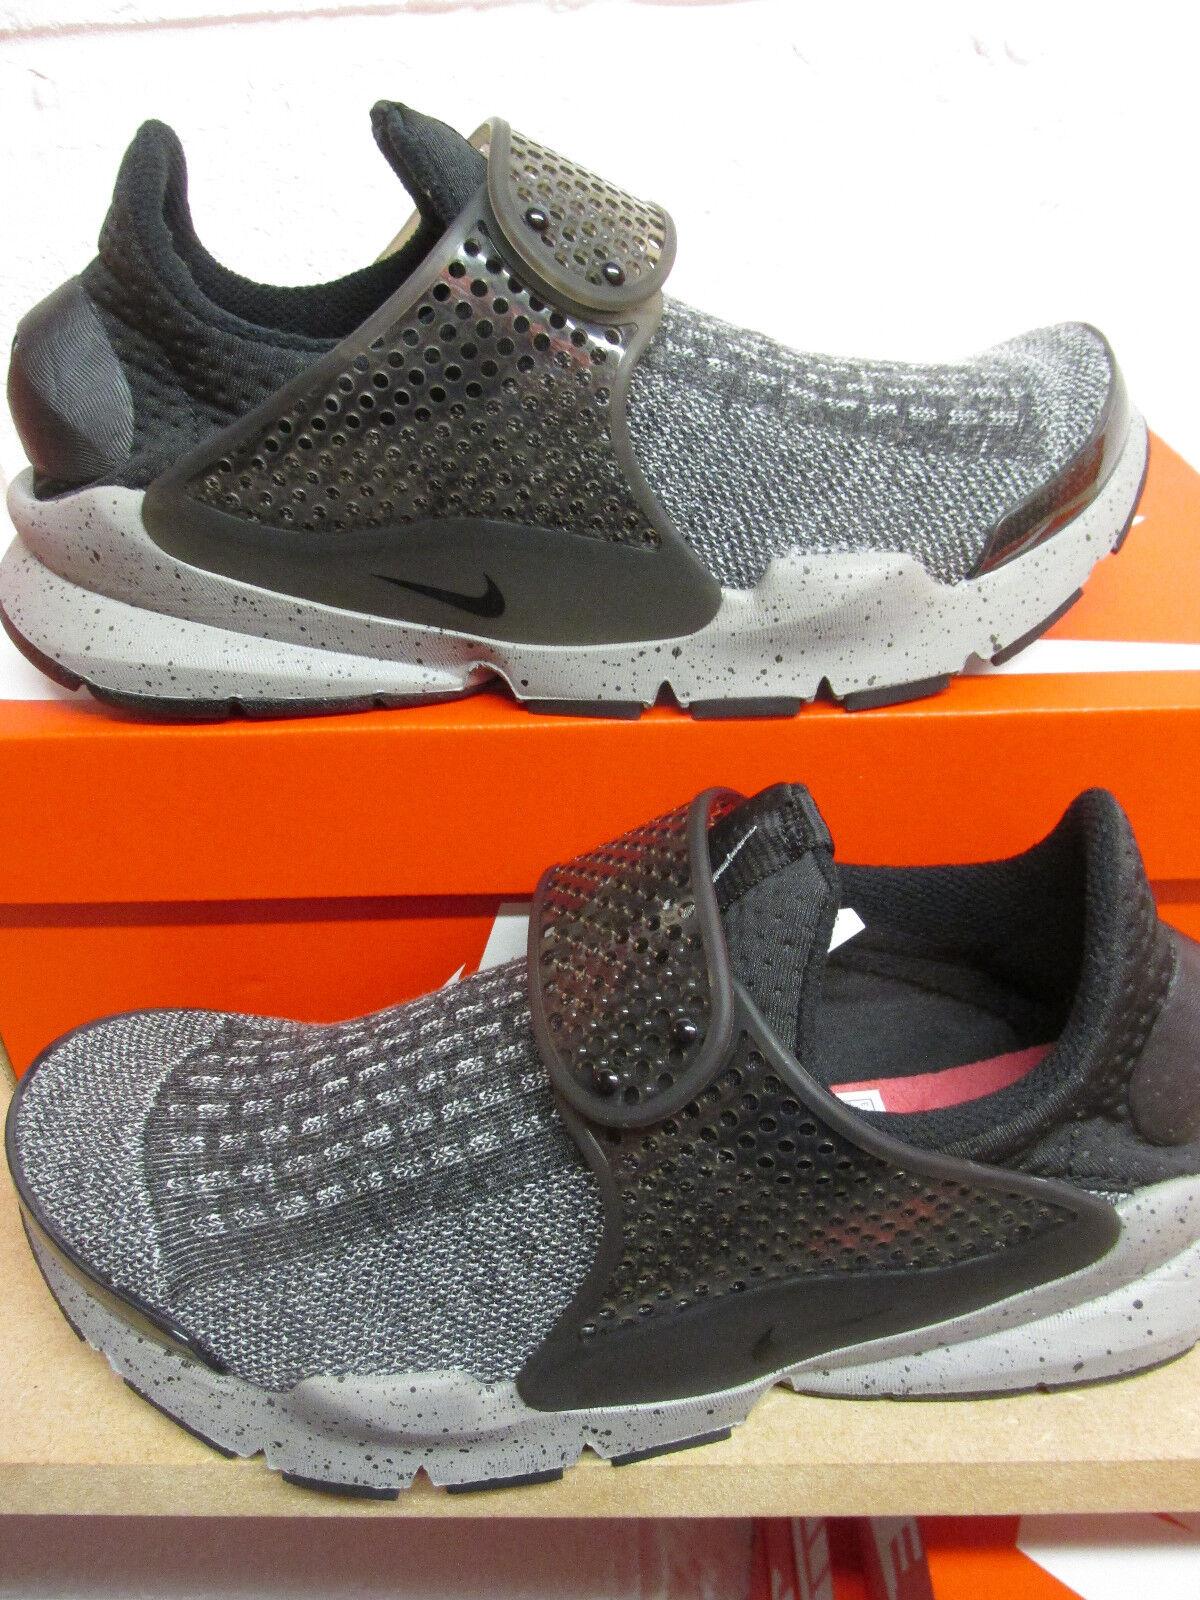 Nike Sock Dark SE Premium Mens Running Trainers 859553 001 Sneakers Shoes